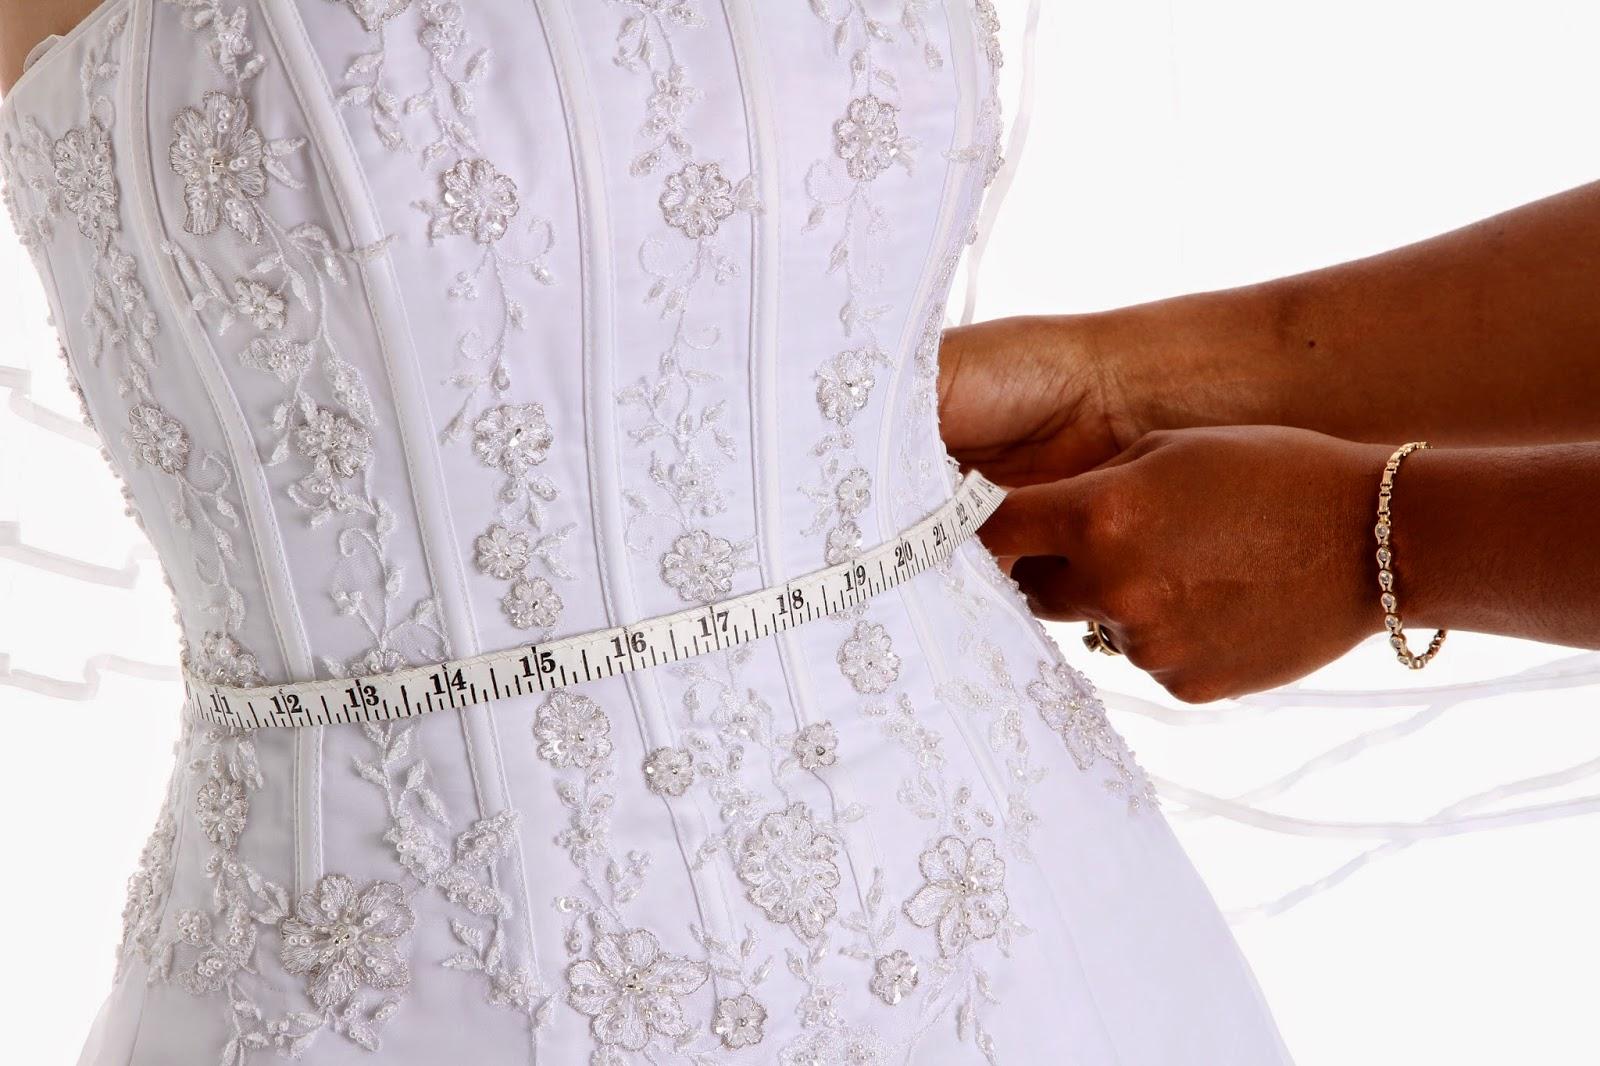 Dieta dimagrante prima del matrimonio